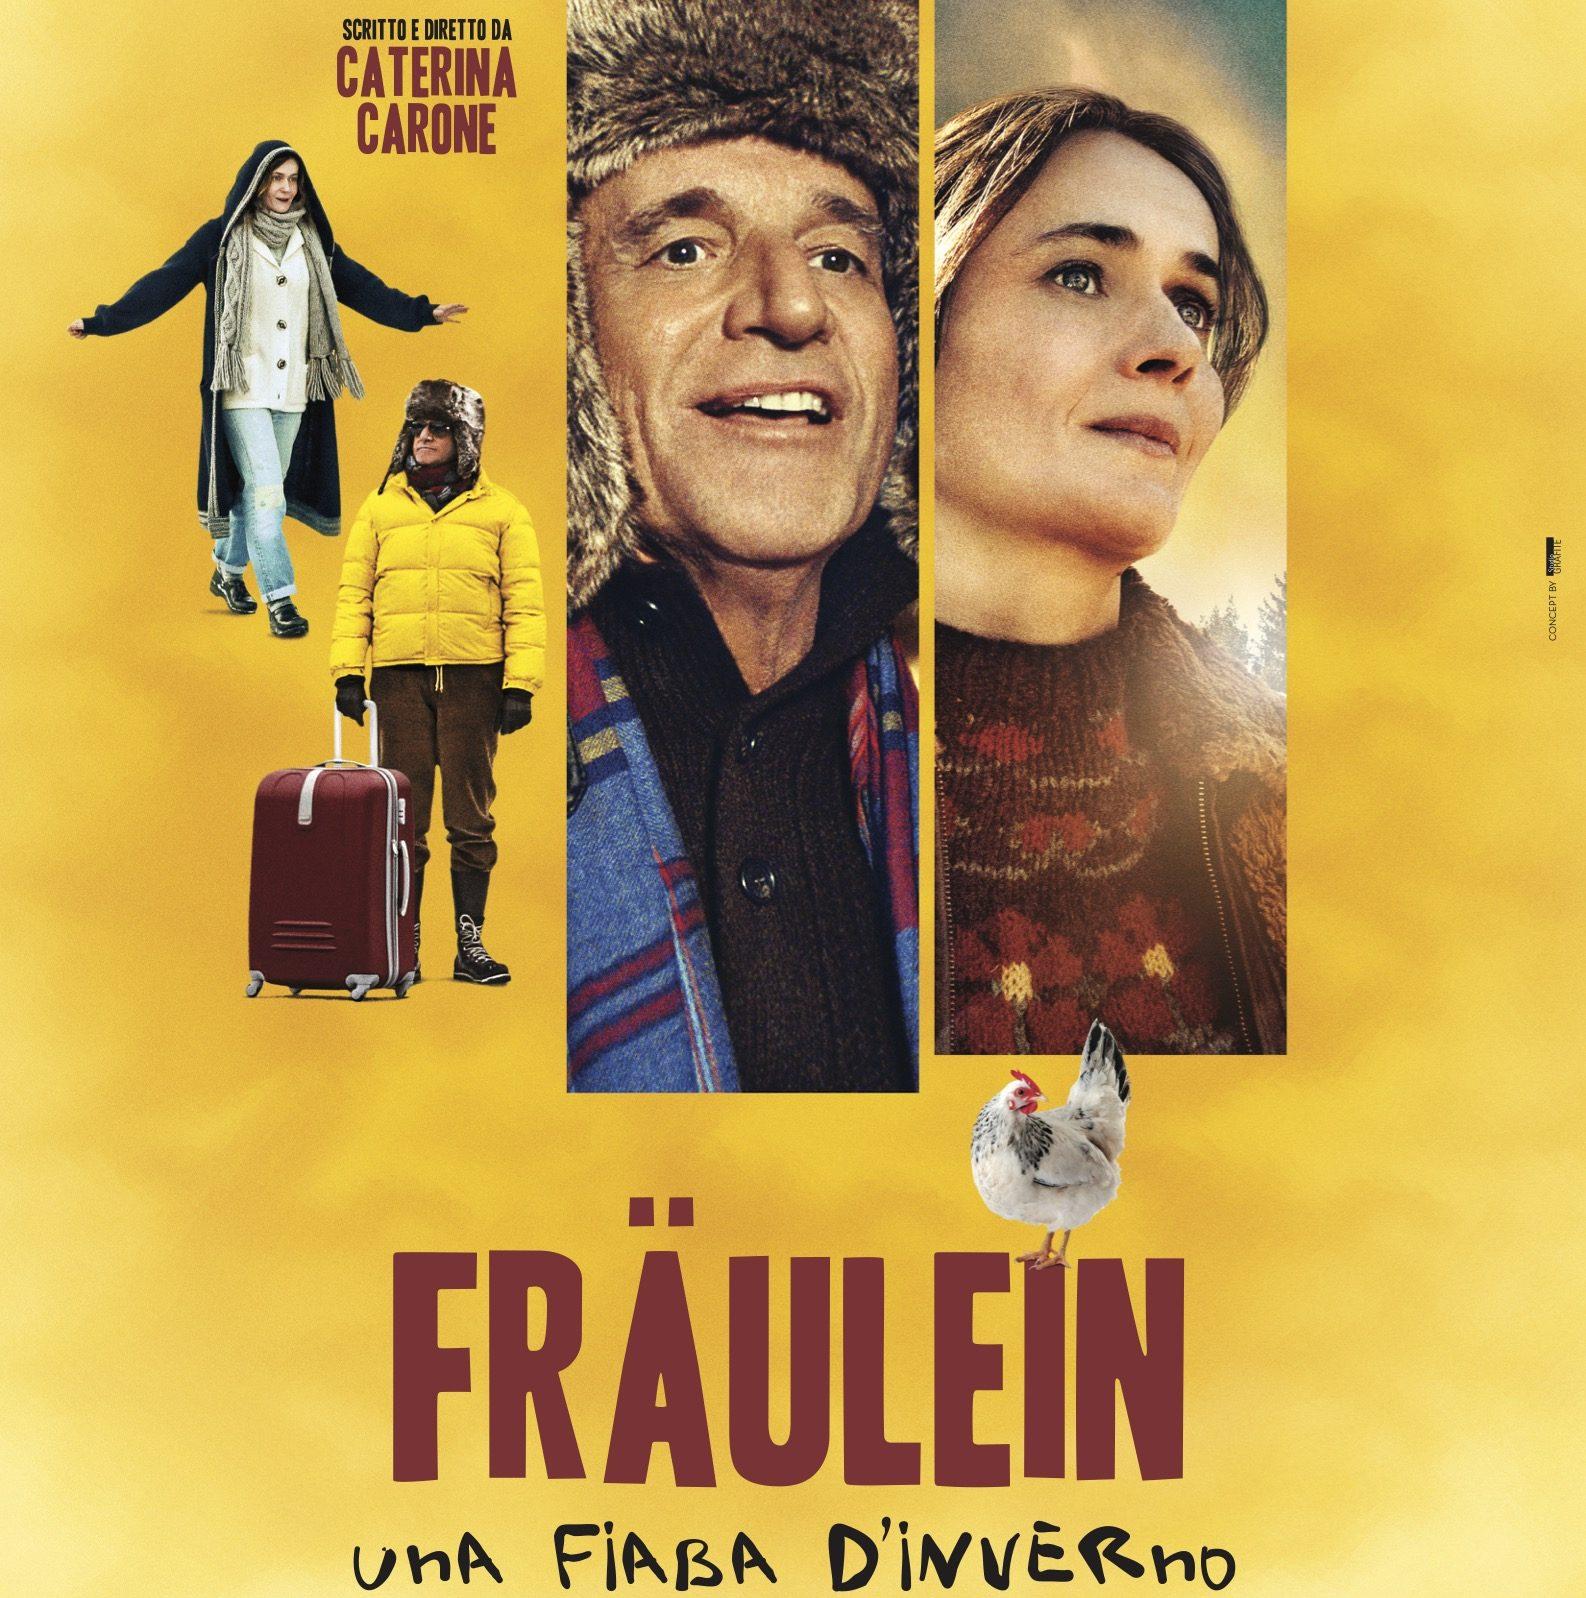 Locandina del film Fraulein